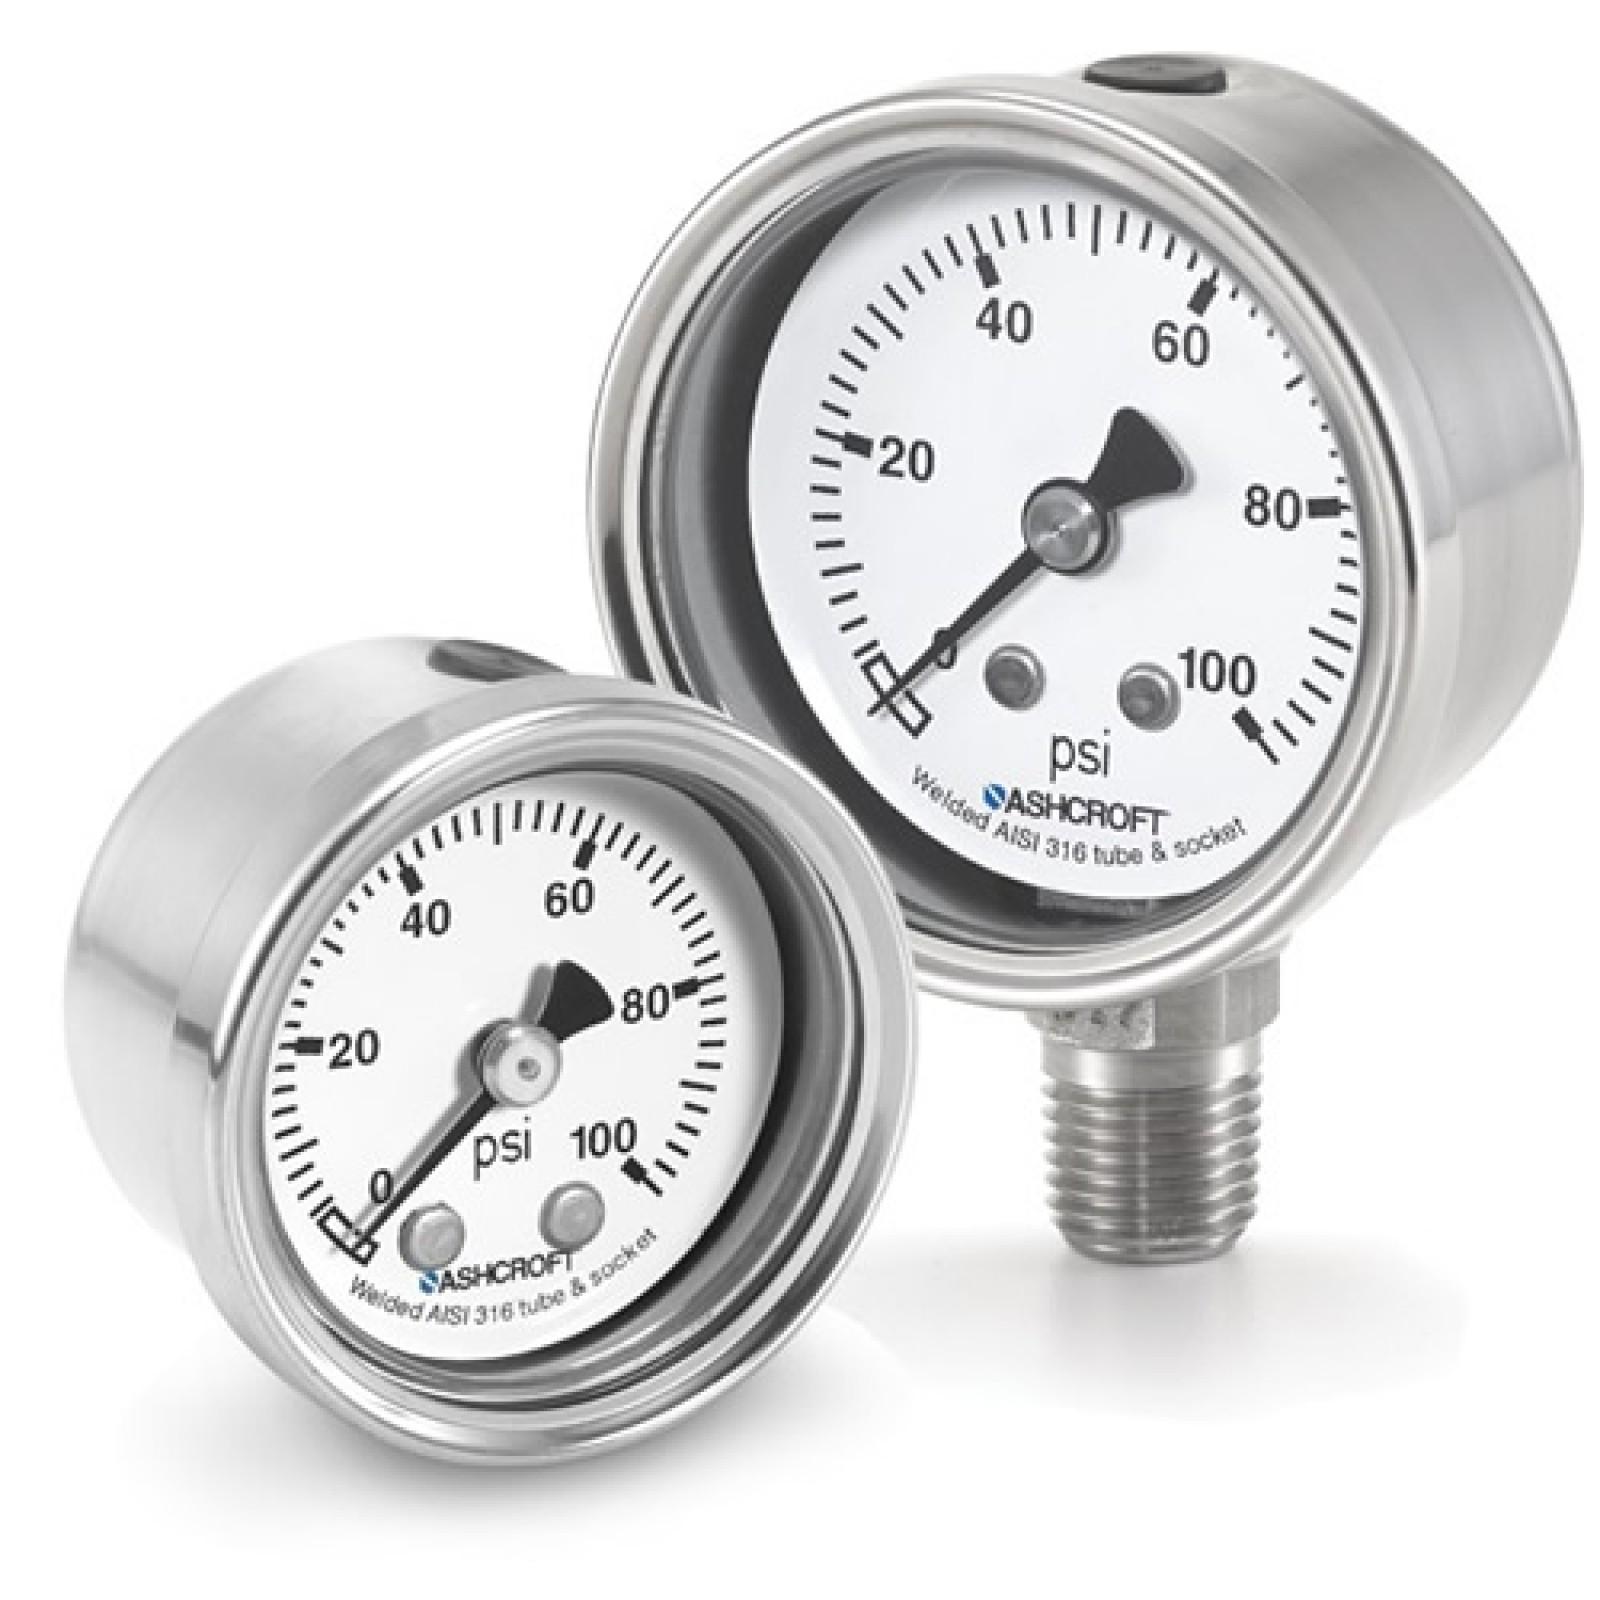 """63 1008S 02B XLL V/I00#/KP - Pressure Gauge, 63mm stainless 1/4"""" NPT Back conn & Case, Plus Performance, 30""""hg/100 psi"""